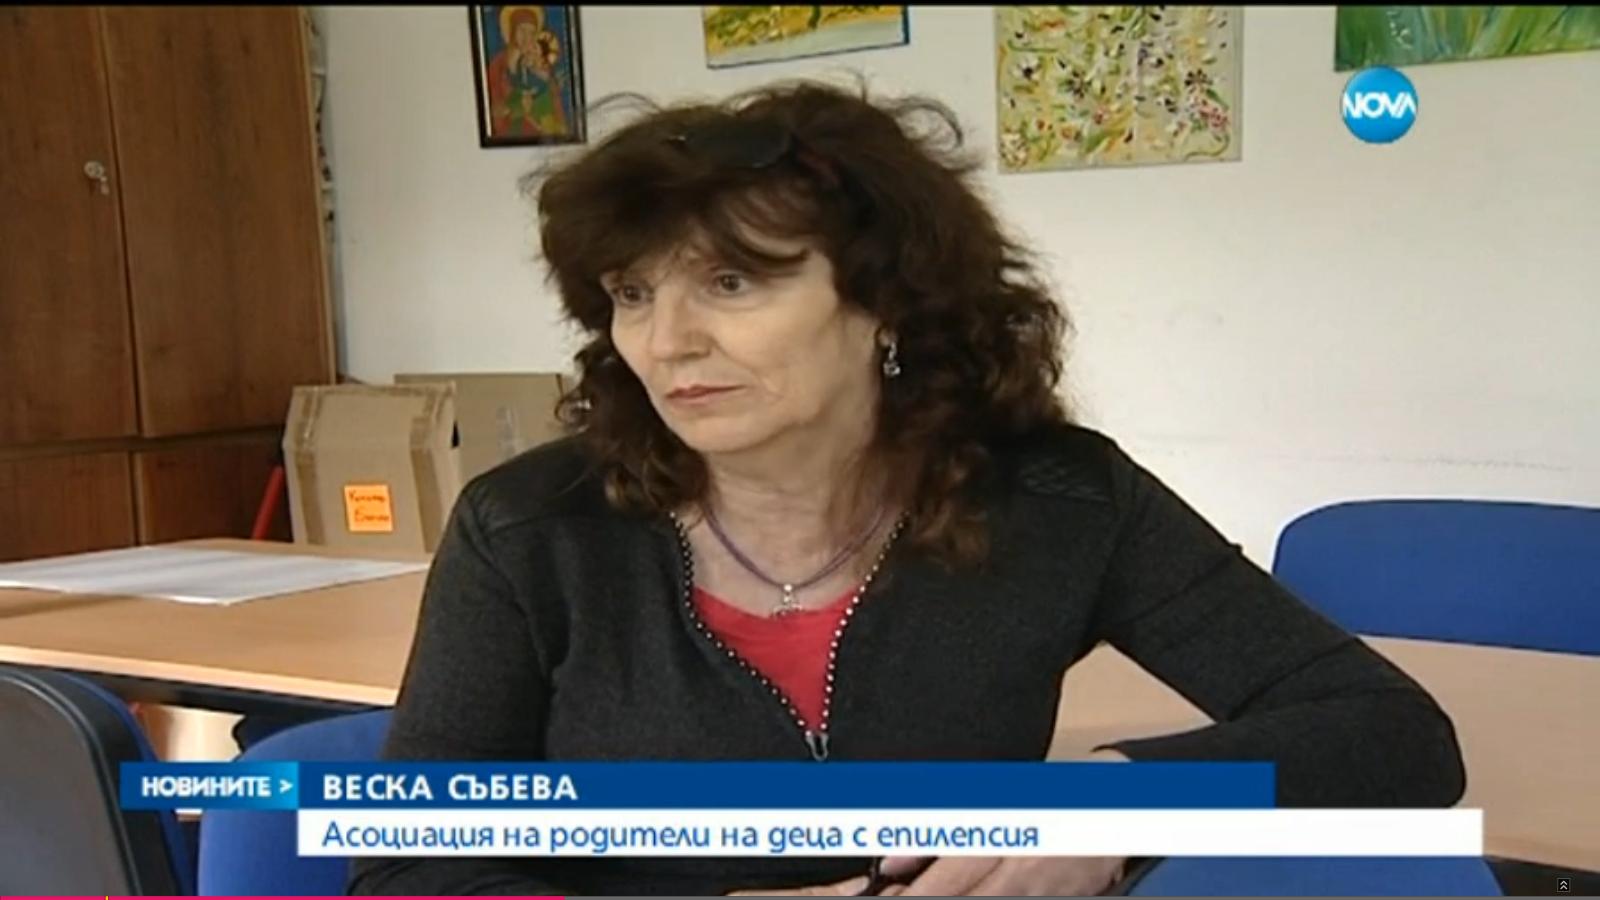 VeskaNova